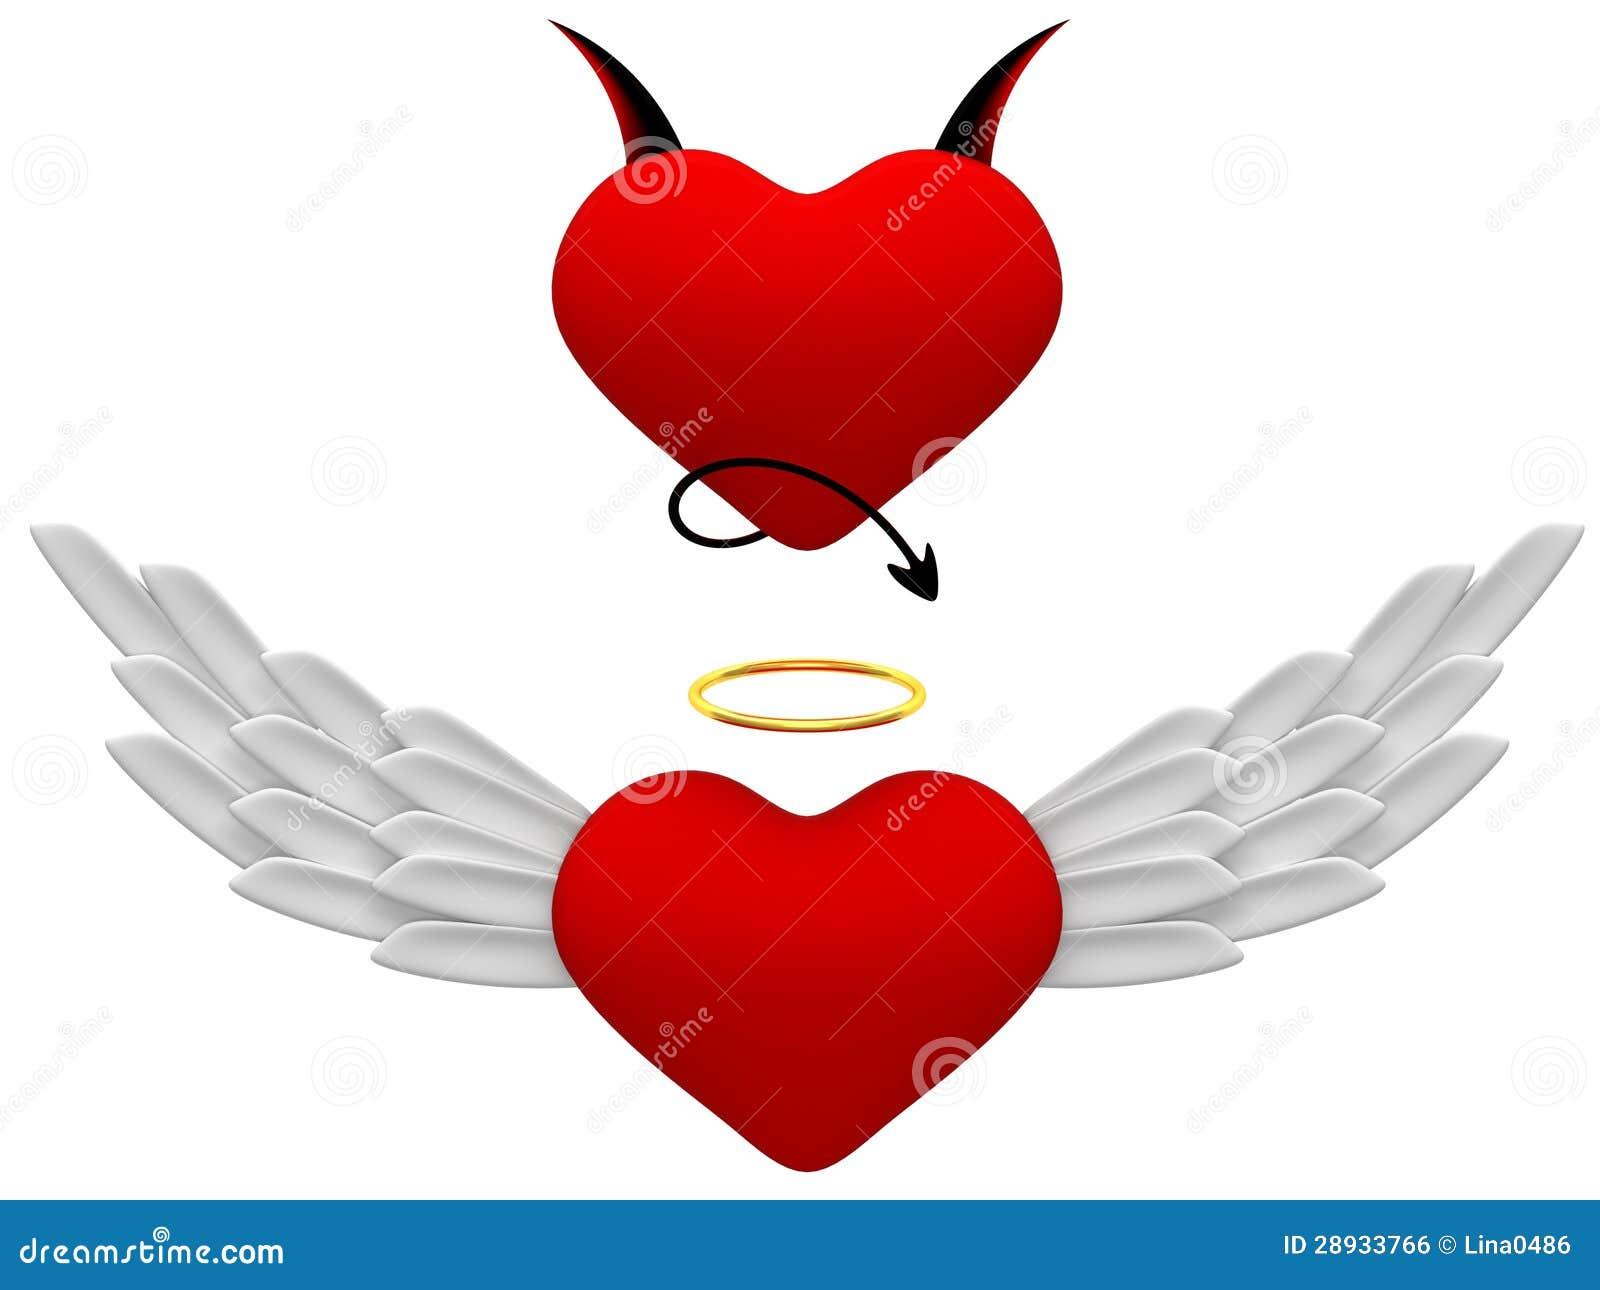 Démons Anges datant services de rencontres coûteux